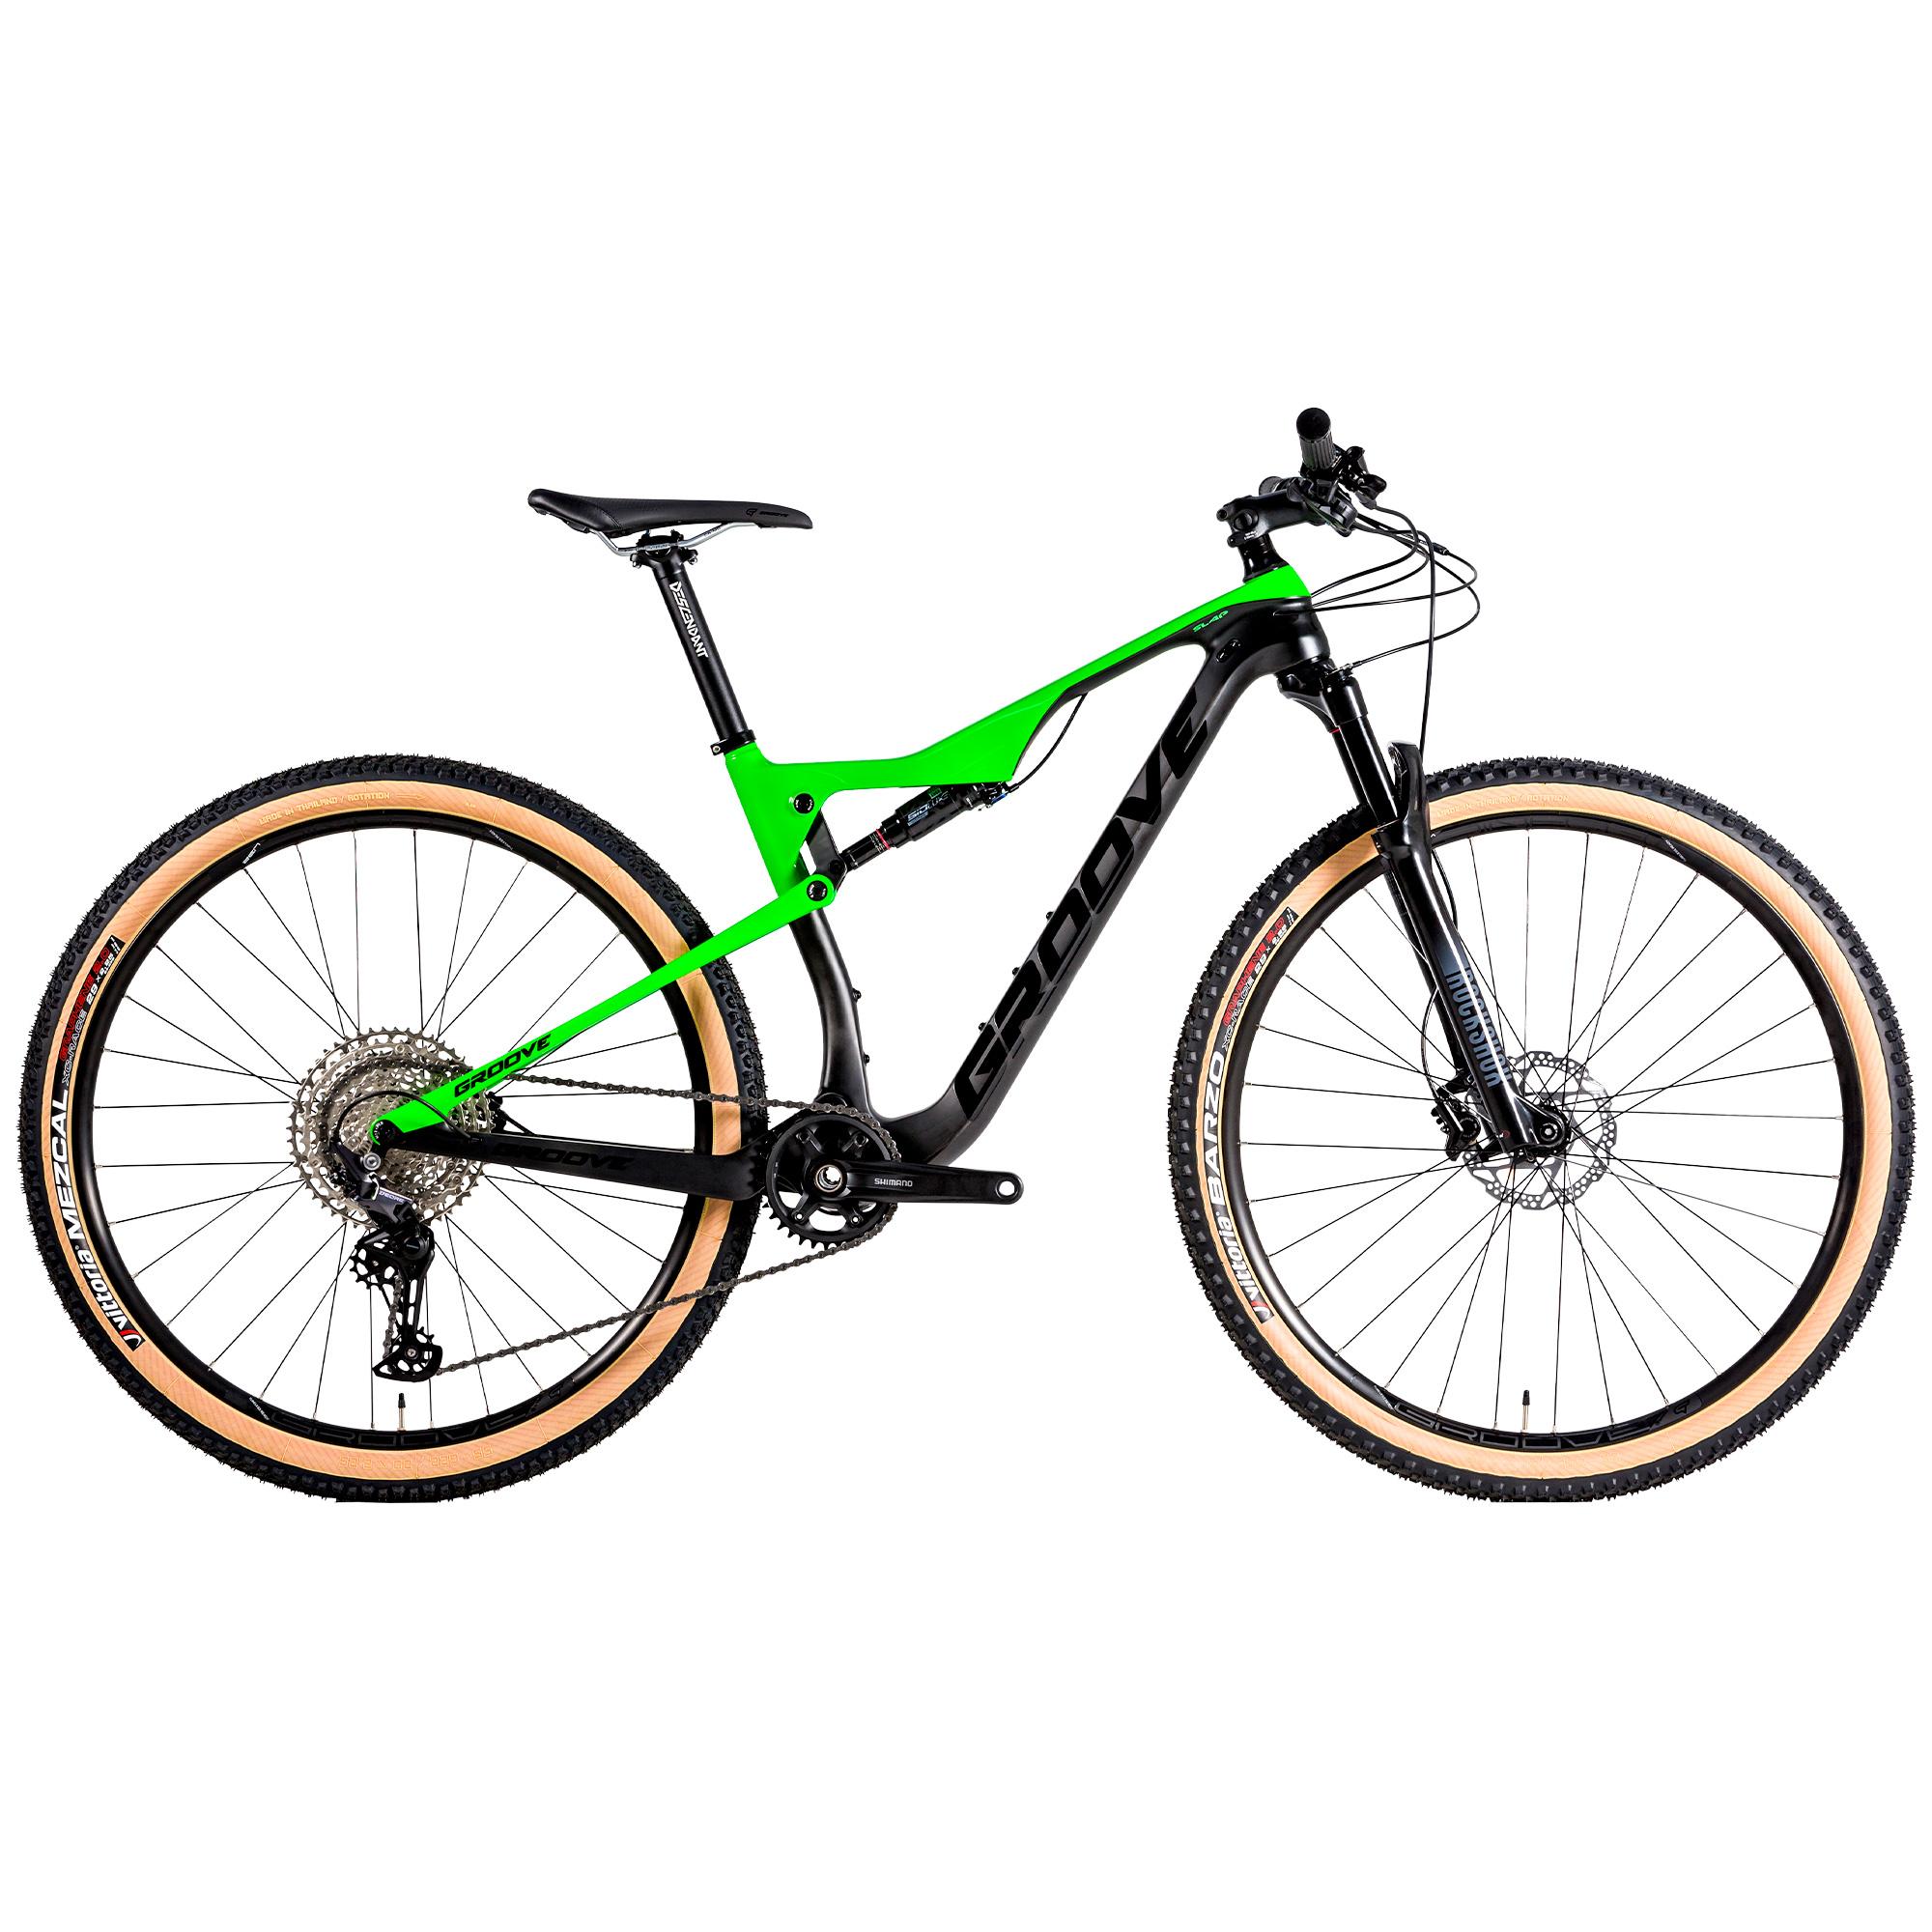 Bicicleta-Groove-Slap-Carbon-Verde-01